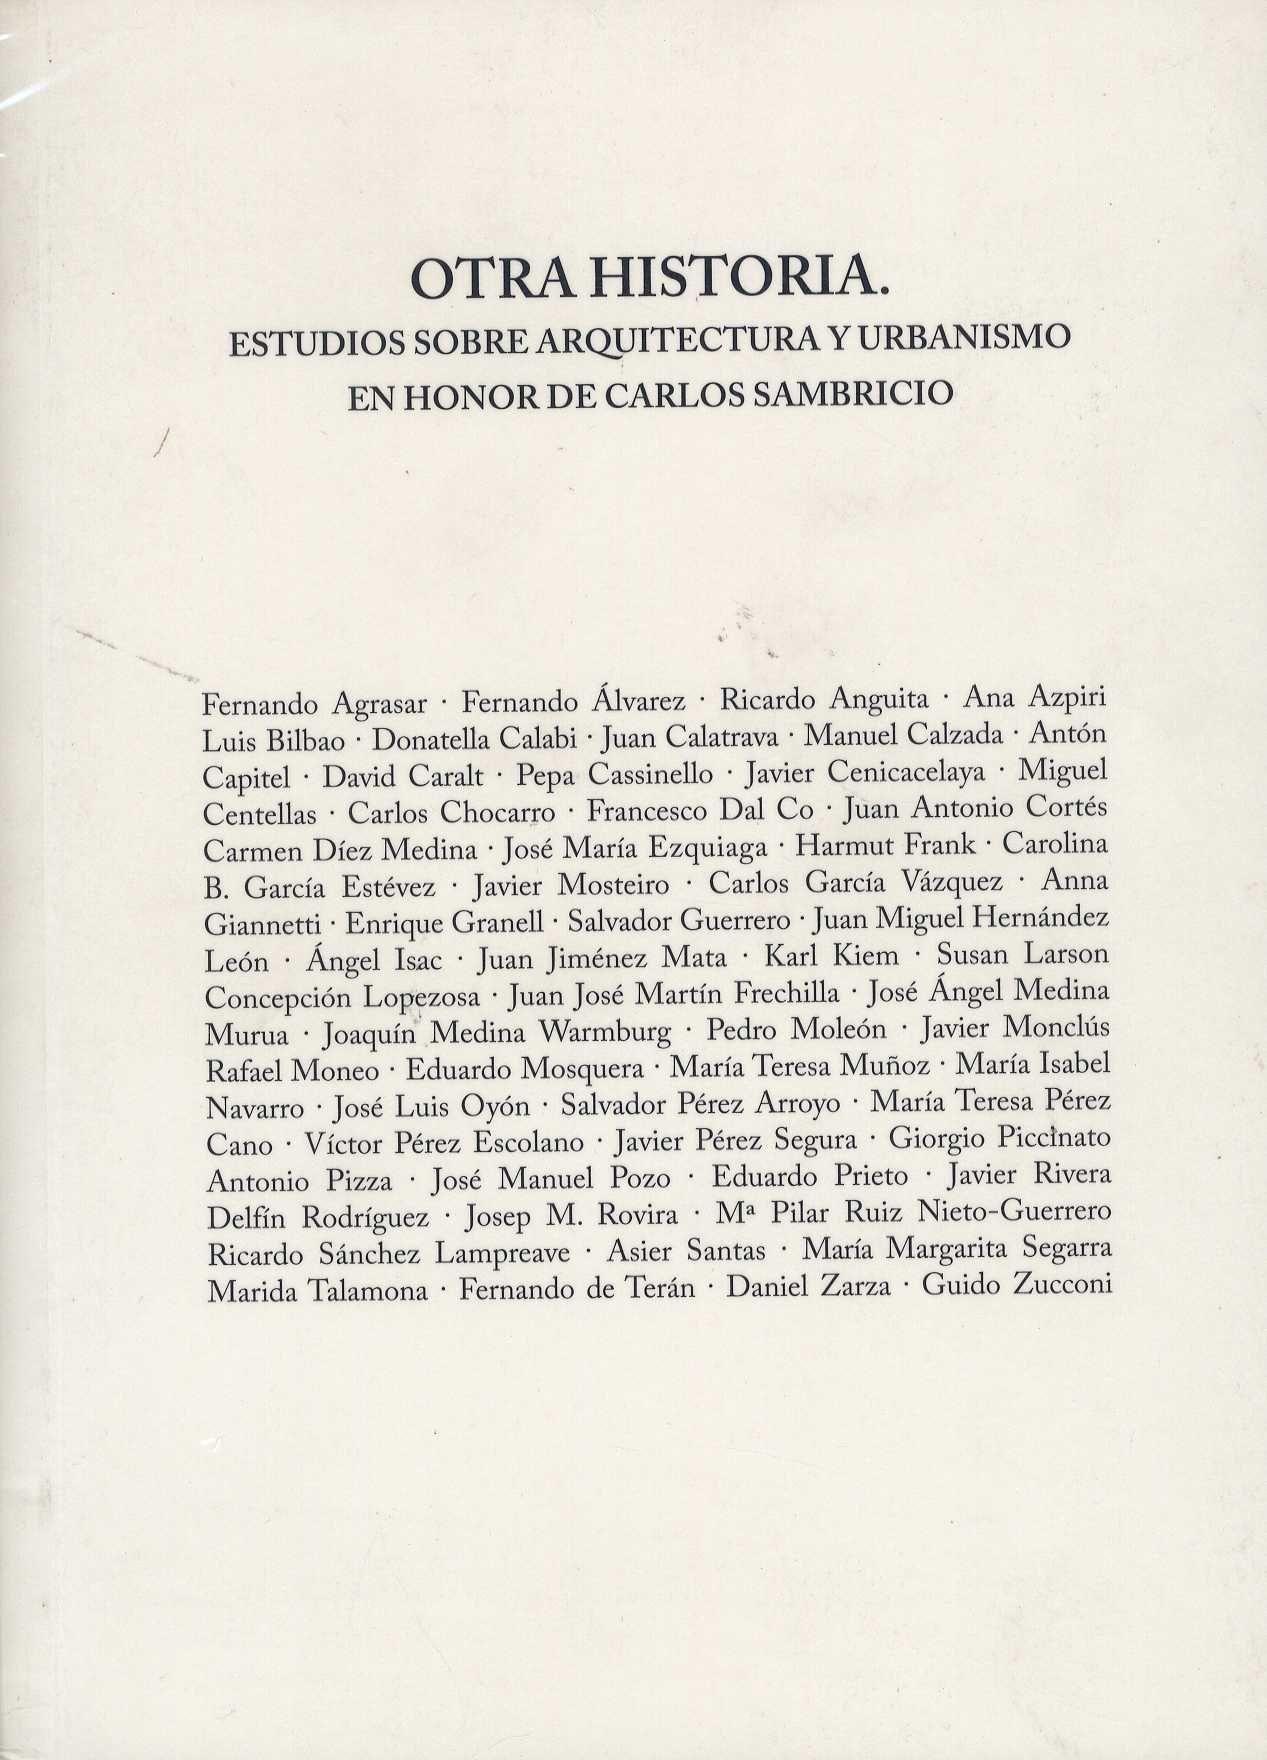 Otra historia : estudios sobre arquitectura y urbanismo en honor de Carlos Sambricio / edición a cargo de Juan Calatrava ... [et al.].-- Madrid : Lampreave, D.L. 2015.